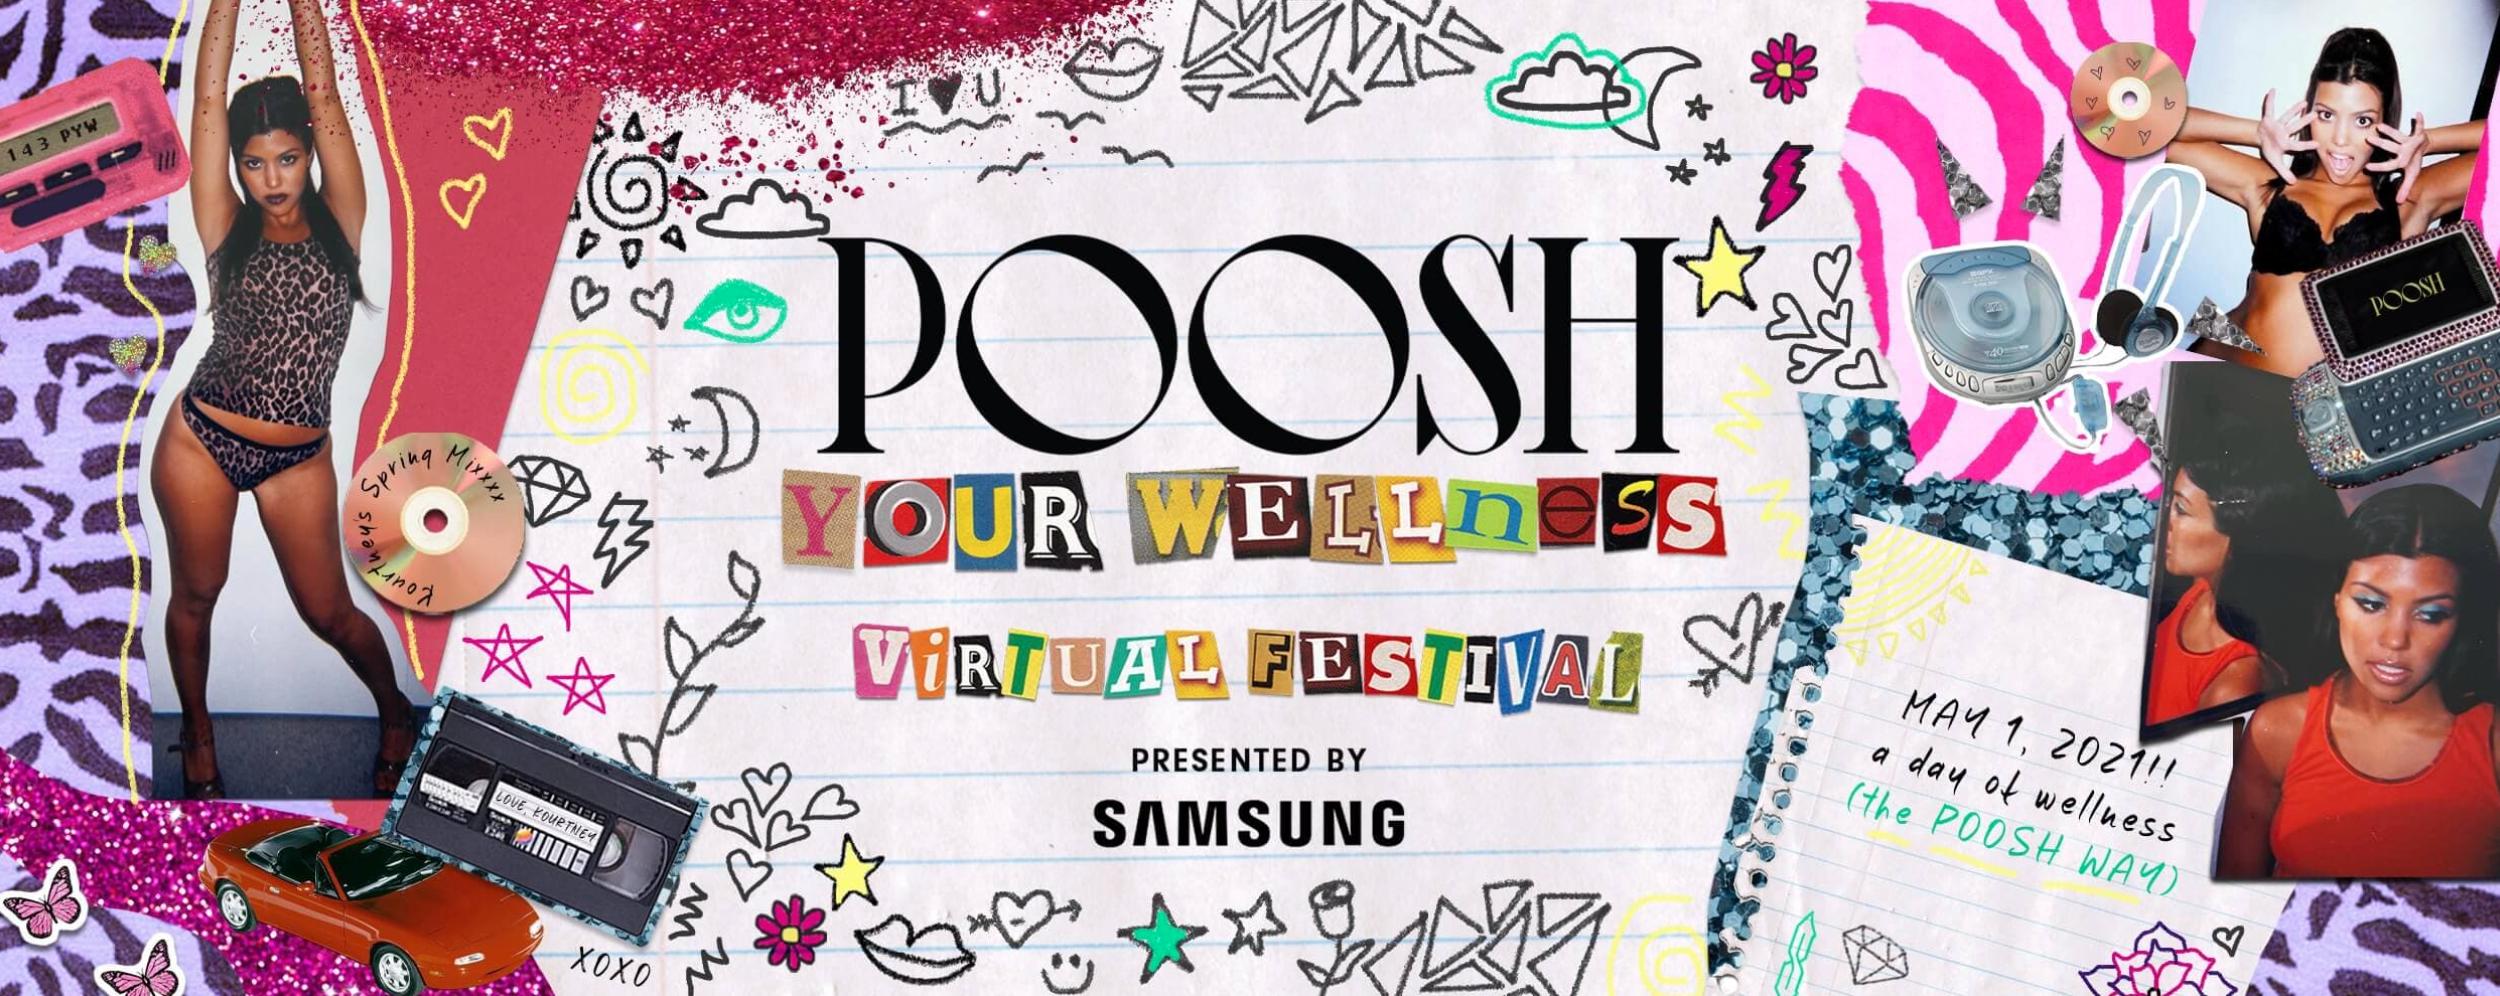 poosh your wellness 2021 kourtney kardashian